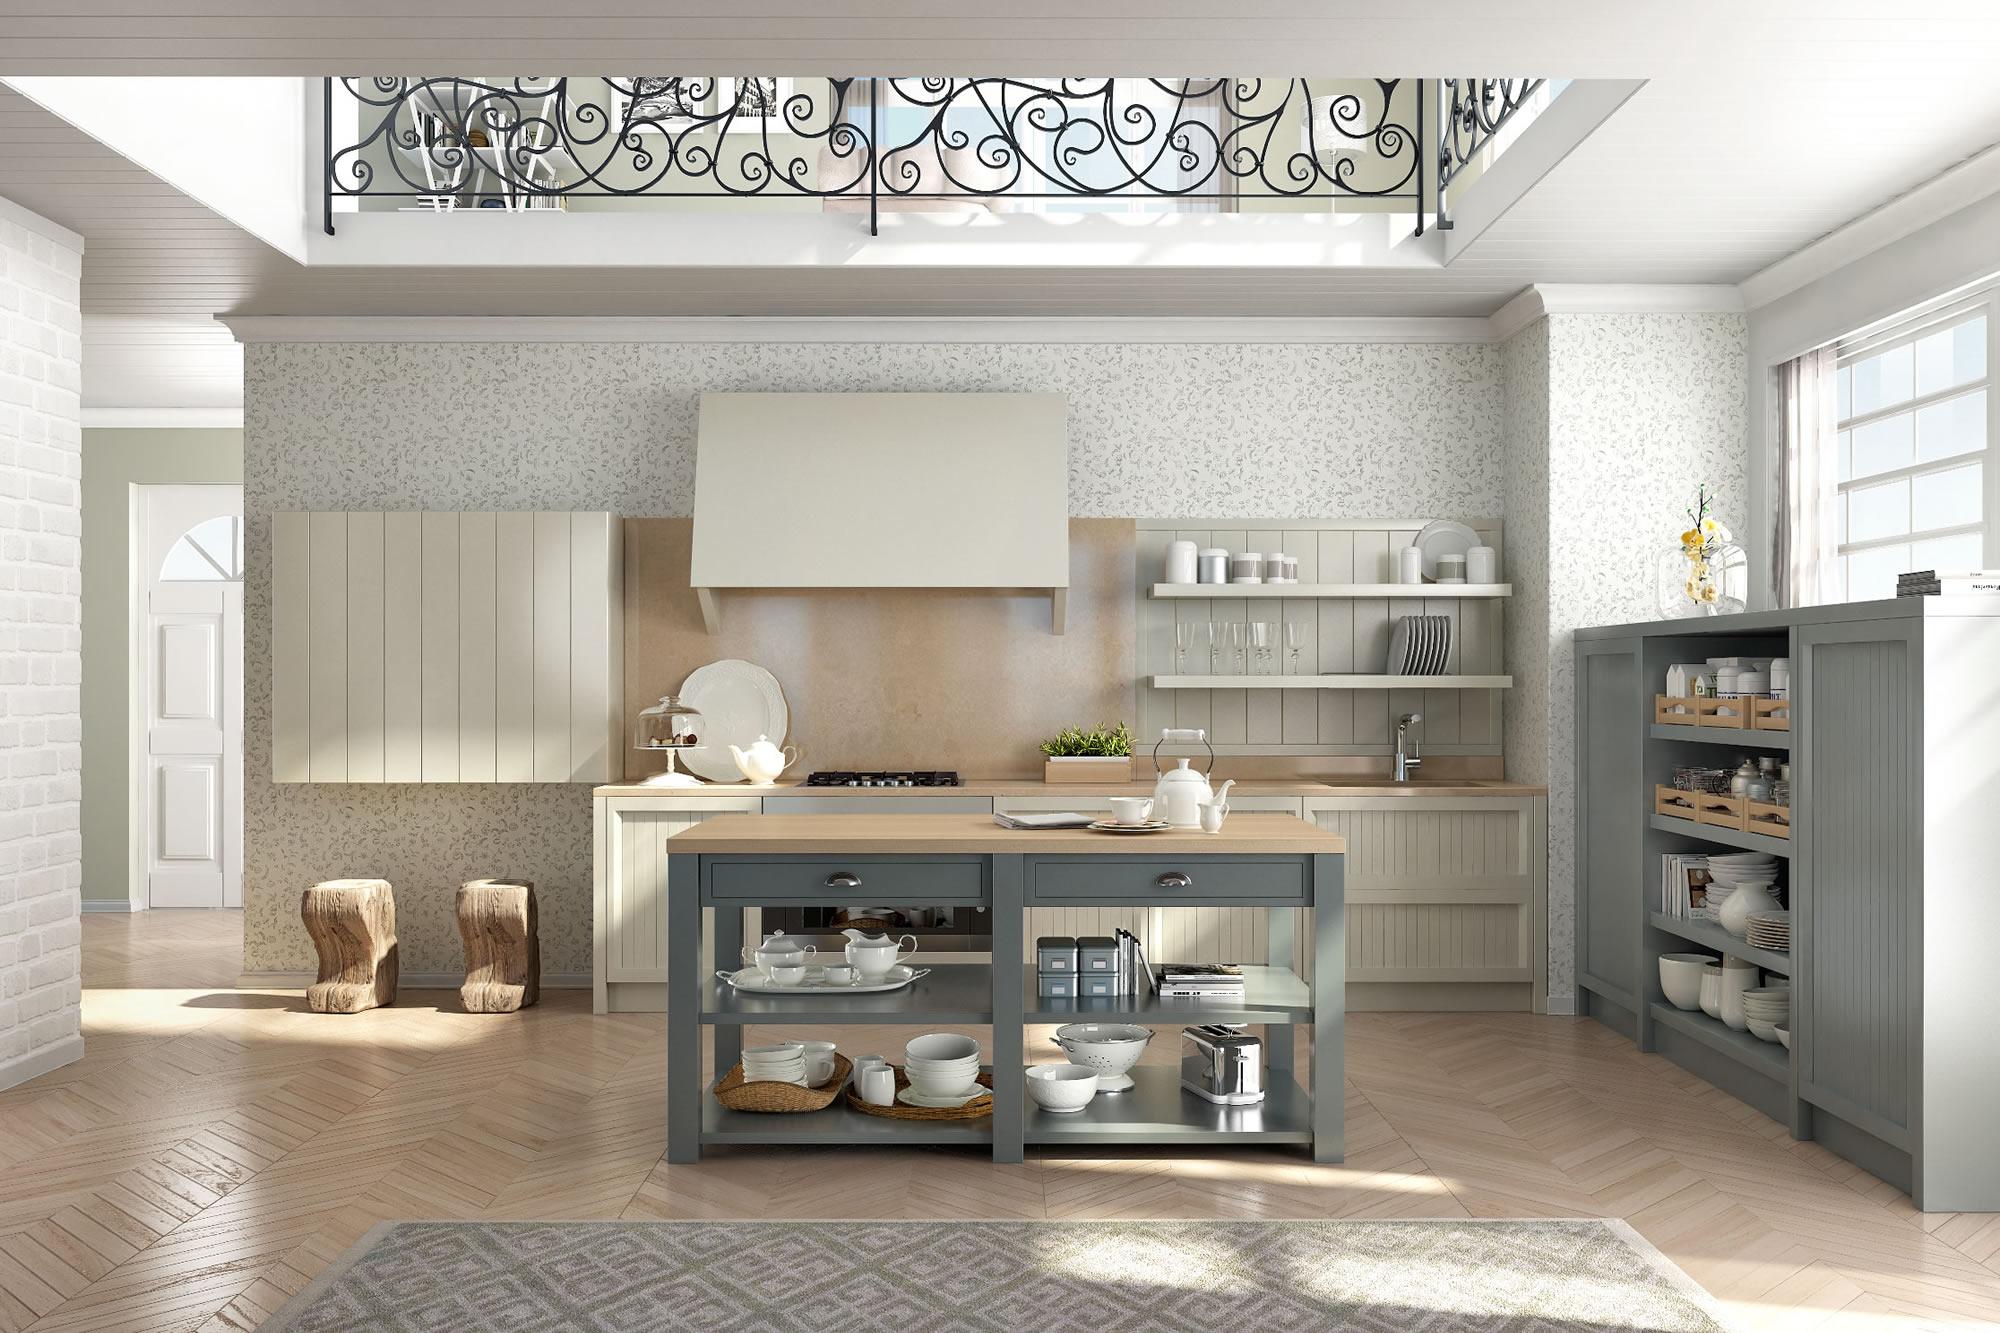 Cucine design stile inglese componibili decorazione d ...